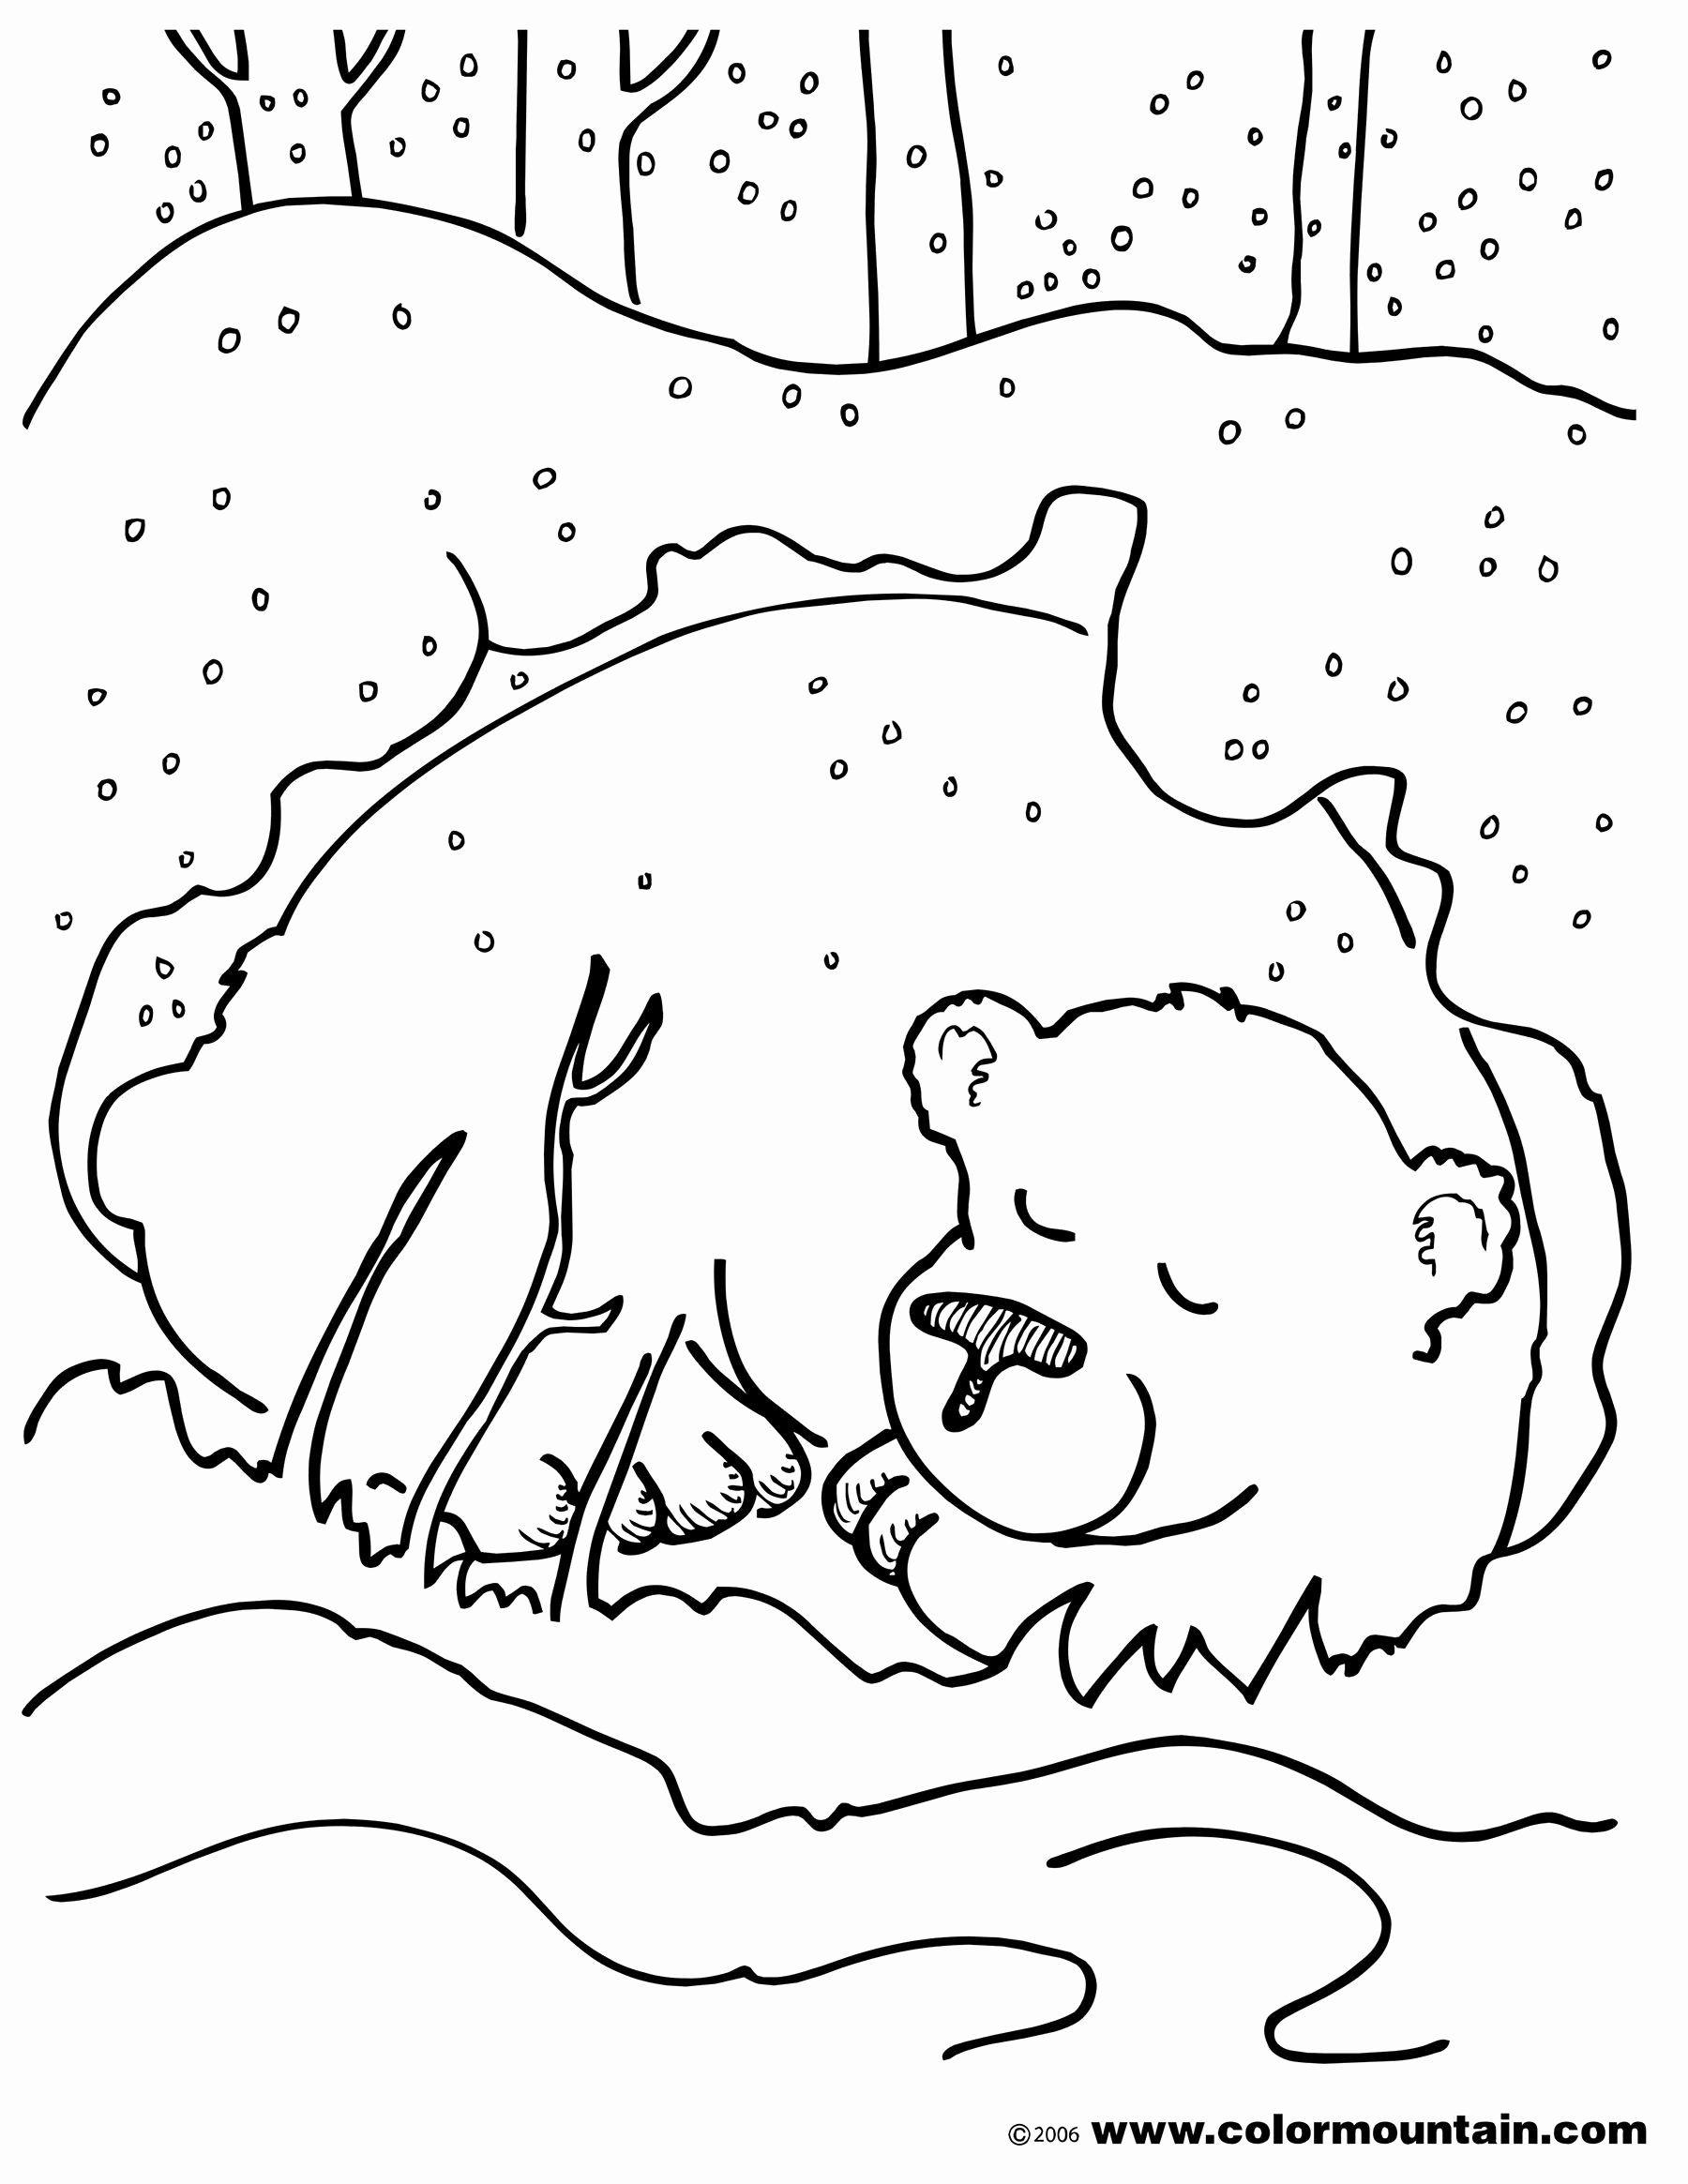 Preschool Animal Coloring Pages Unique Hibernating Bear Color Sheet Coloring Page Bear Coloring Pages Coloring Pages Winter Animal Coloring Pages